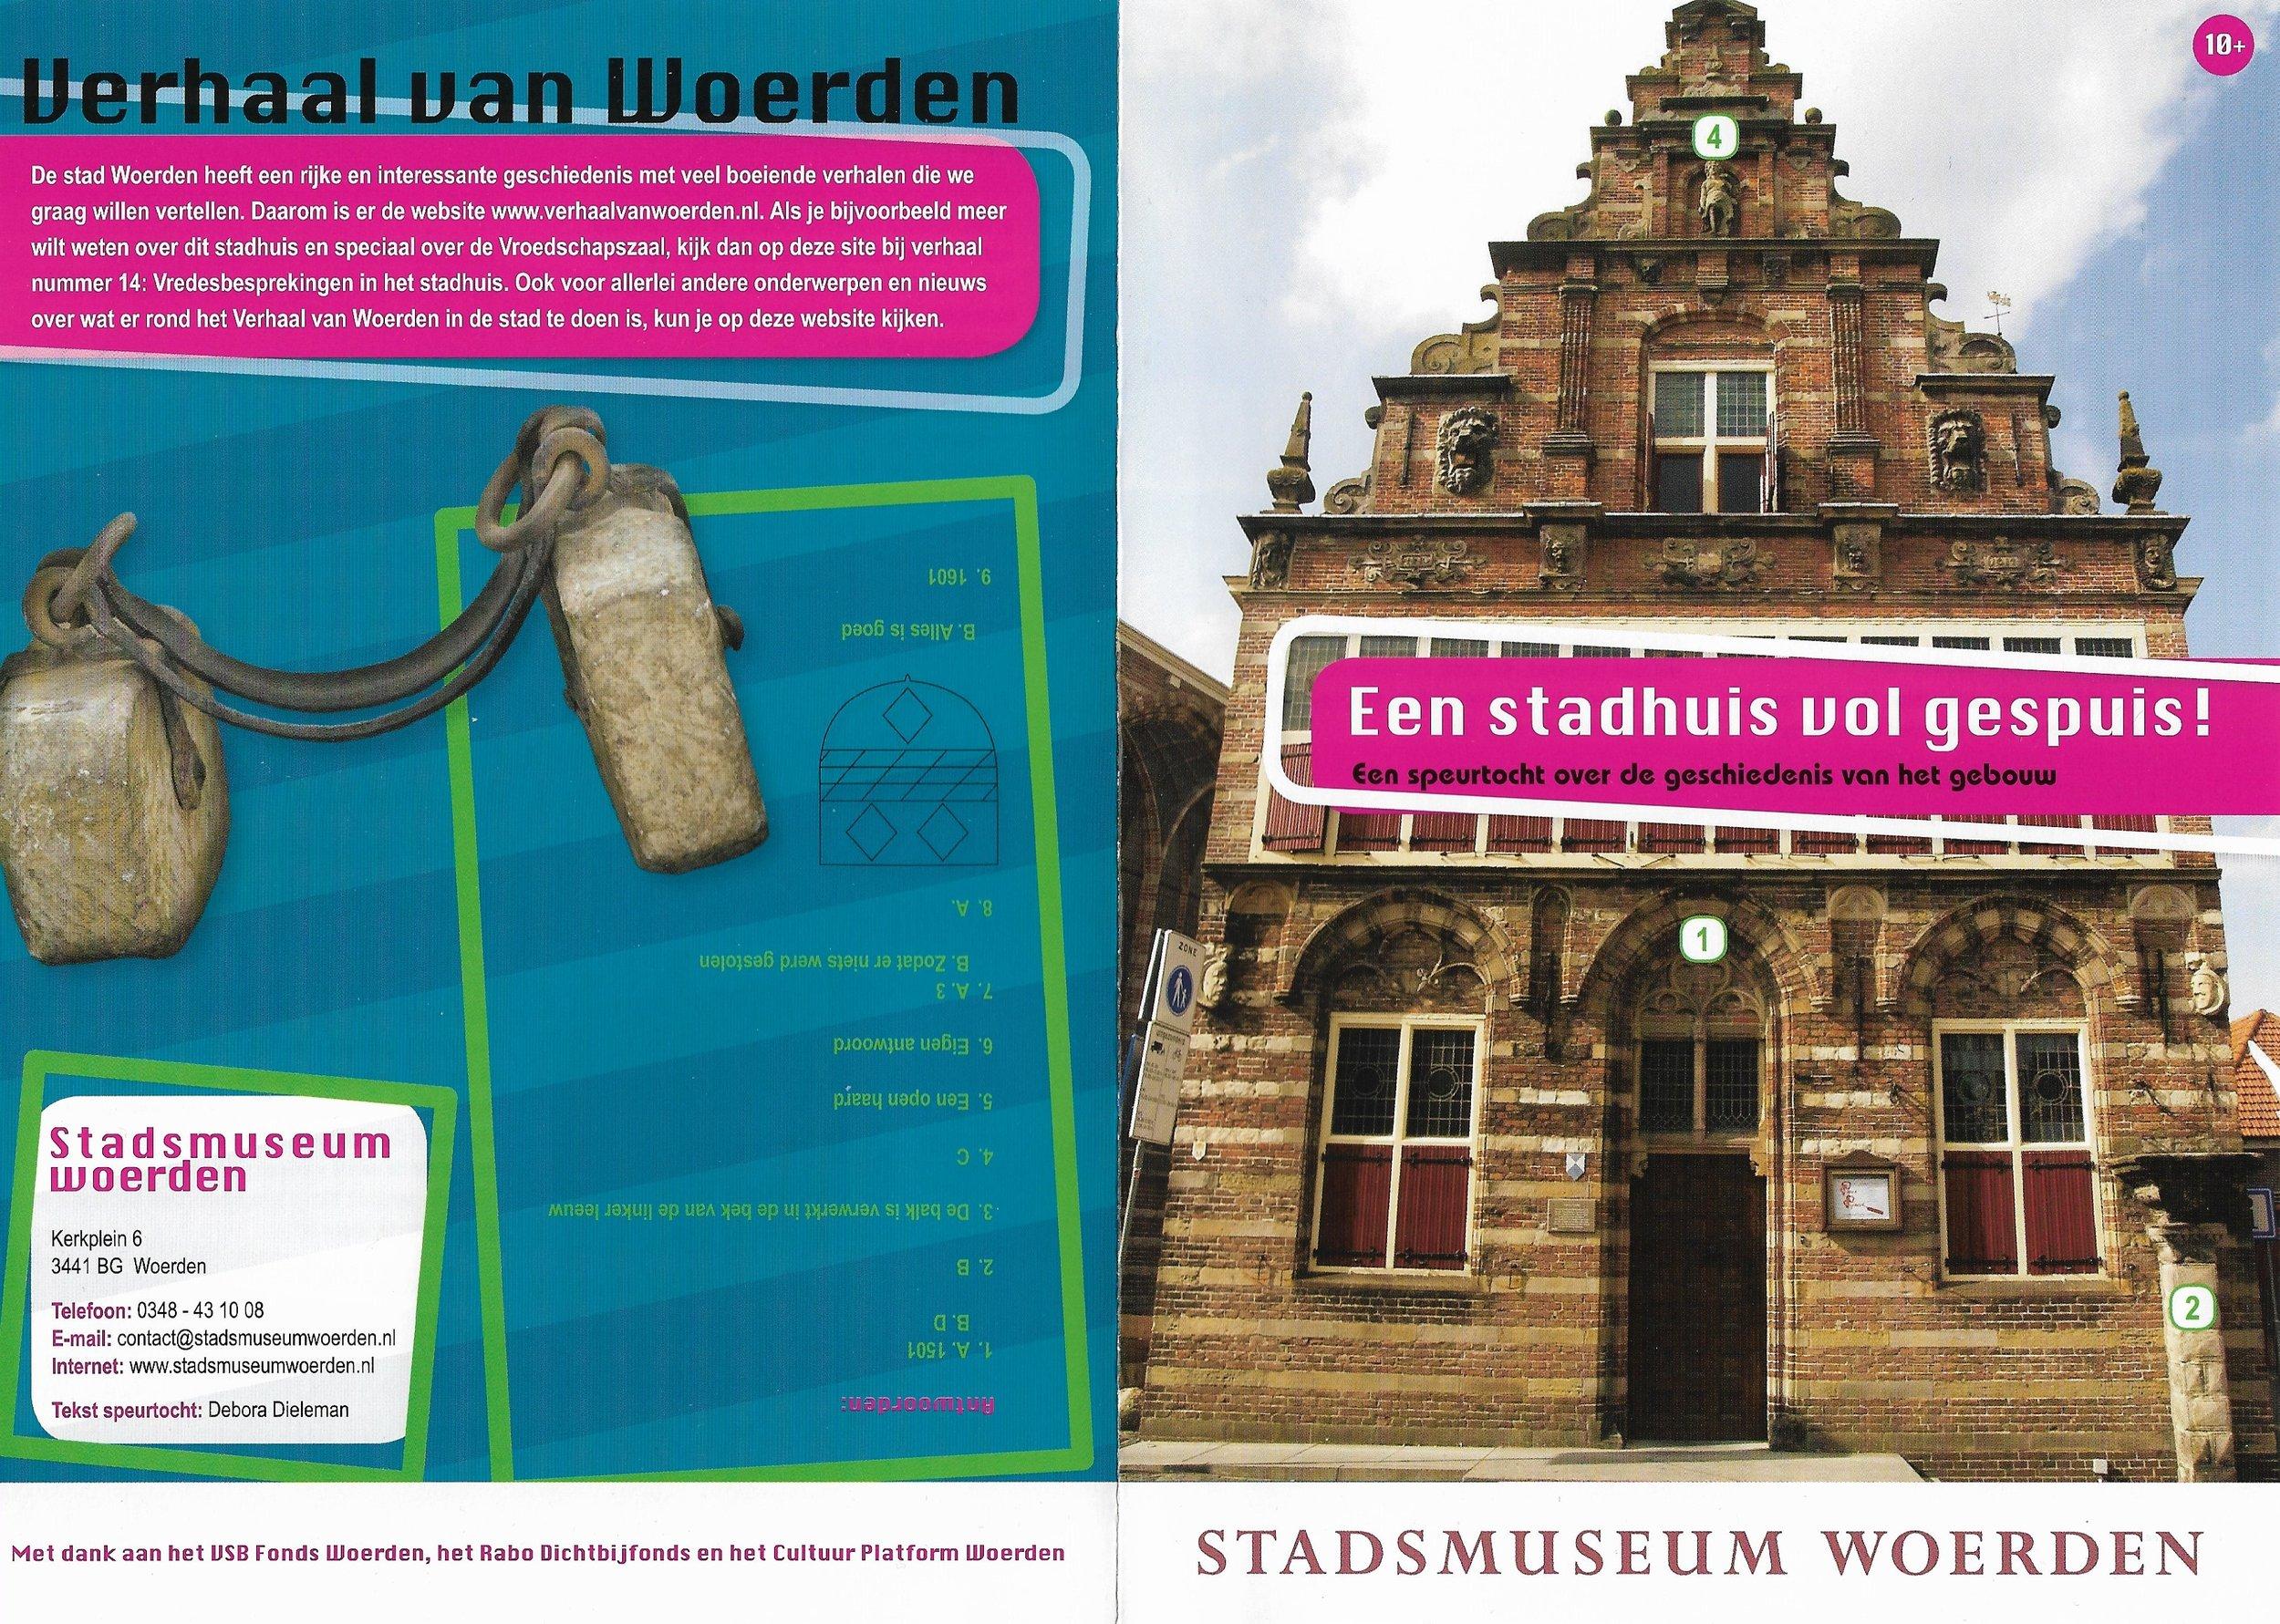 speurtocht - Opdrachtgever: Stadsmuseum WoerdenOpdracht: Een speurtocht over het gebouwDoelgroep: gezinnen met kinderen in de leeftijd van 10 t/m 12 jaarVormgeving: Studio CampoJaar 2013